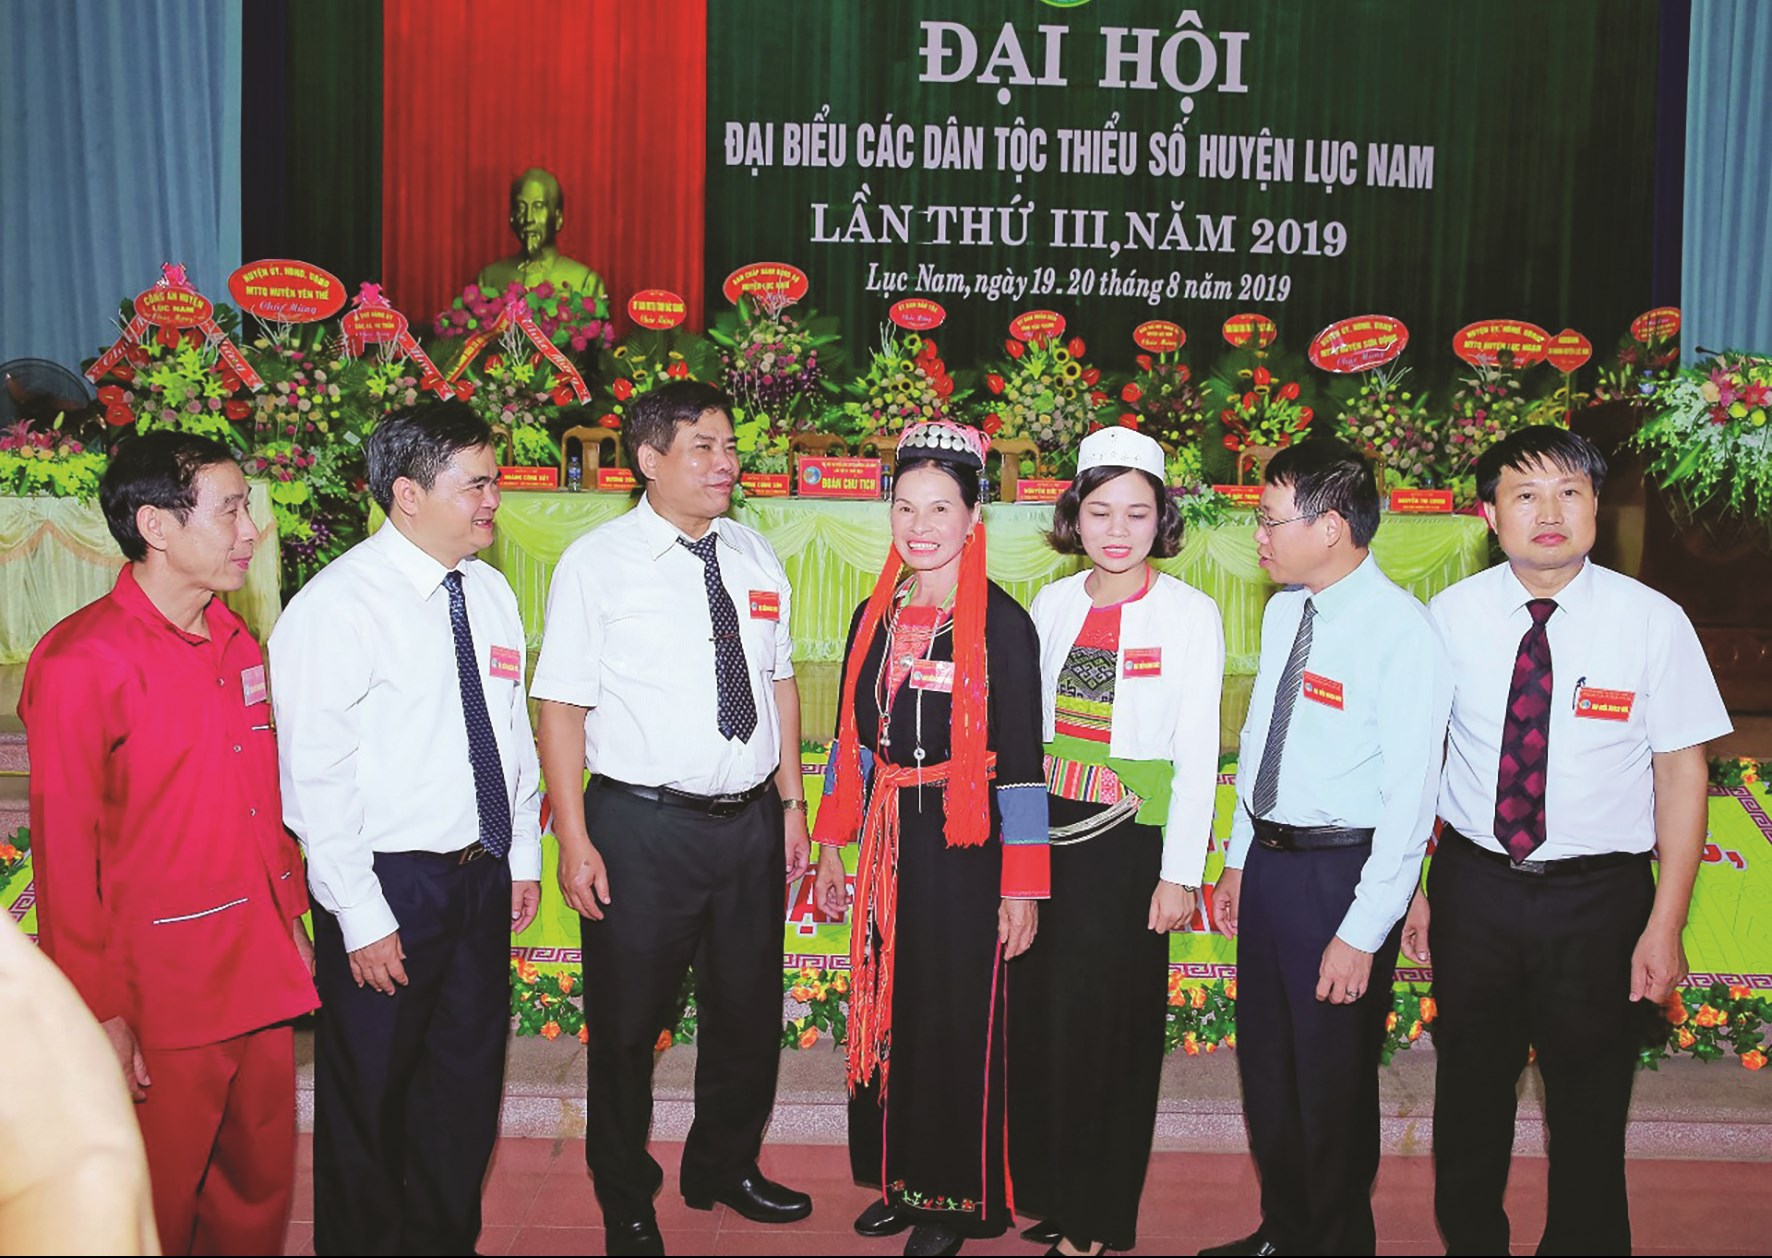 Thứ trưởng, Phó Chủ nhiệm Ủy ban Dân tộc Y Thông (thứ 3 từ trái sang) và Bí thư Huyện ủy Lục Nam Thân Văn Dàn (thứ 2 từ trái sang) trò chuyện cùng các đại biểu tại Đại hội các DTTS huyện Lục Nam lần thứ III, năm 2019.